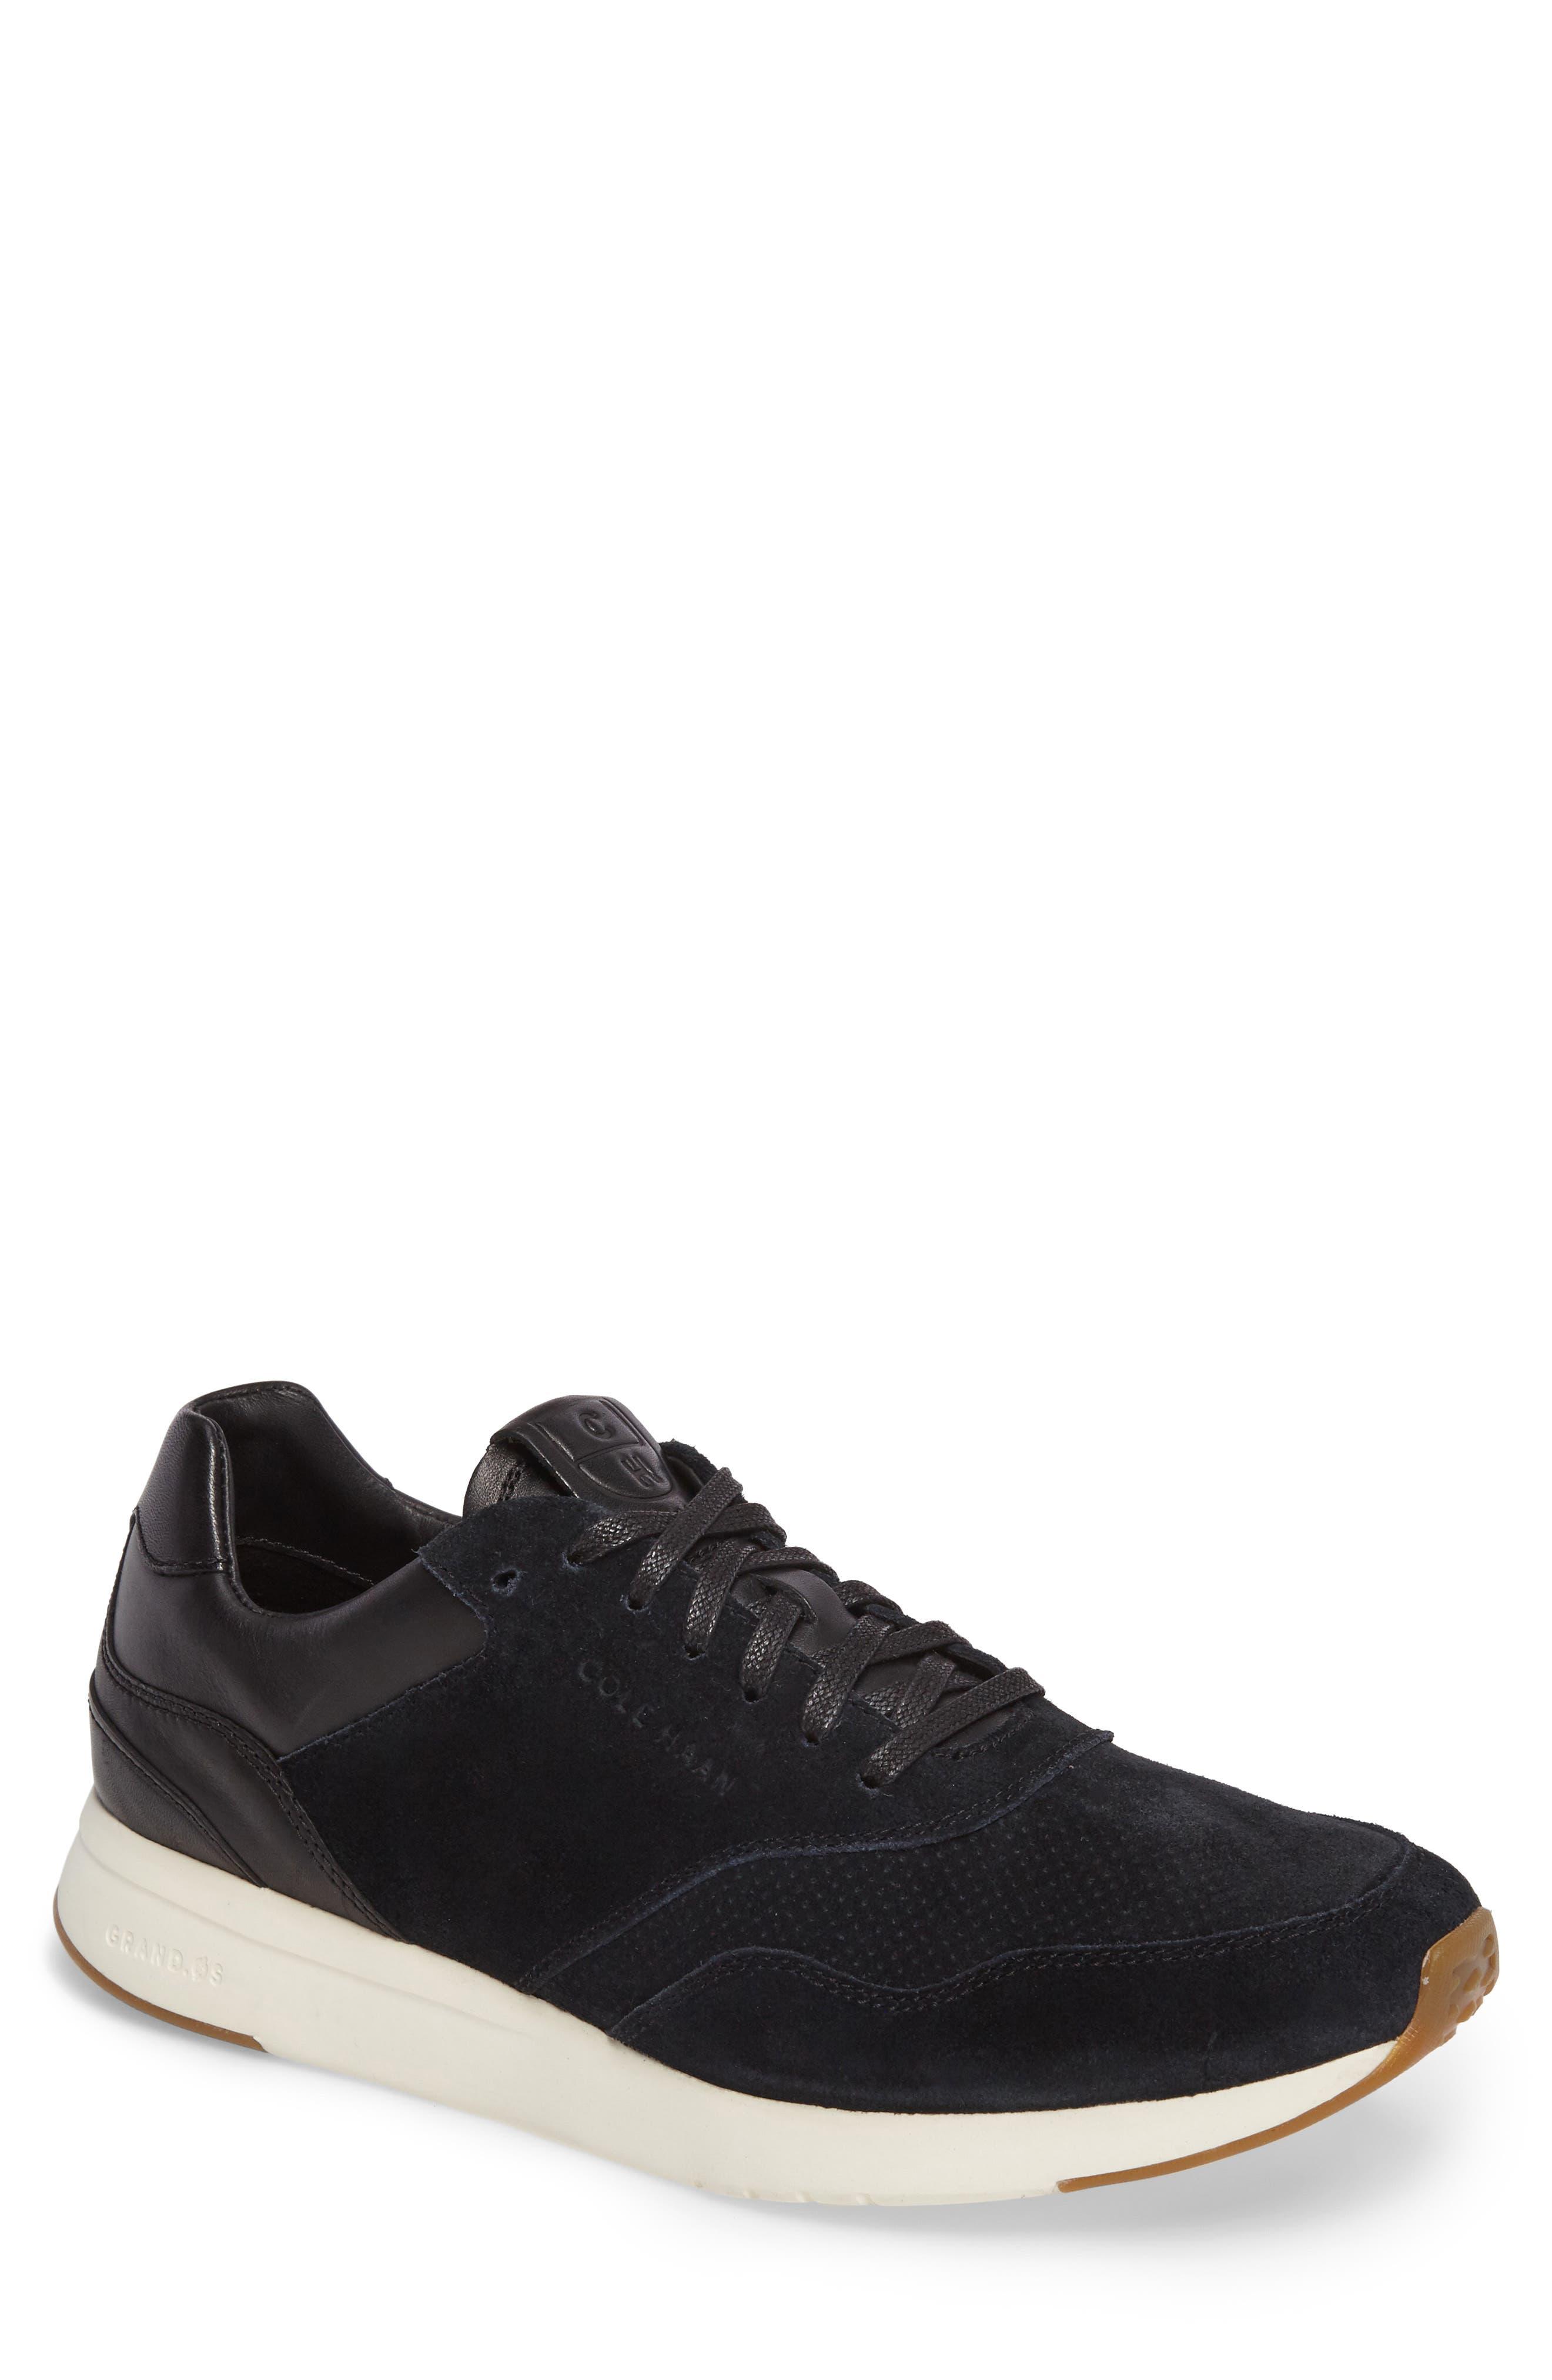 GrandPro Runner Sneaker,                             Main thumbnail 1, color,                             Black Leather